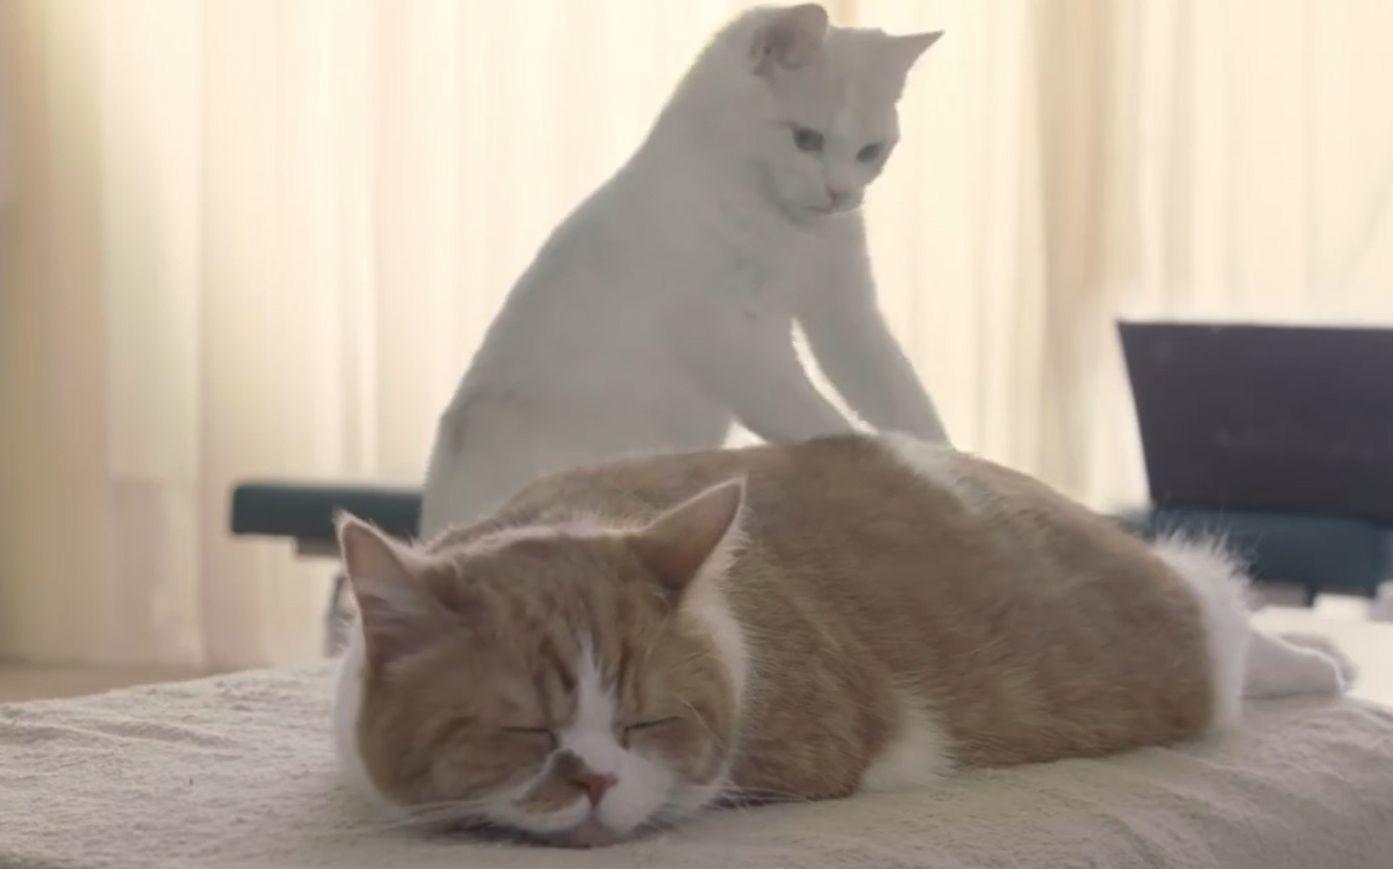 震惊!日本的猫咪按摩所(好啦,我知道猫咪挺萌的……)